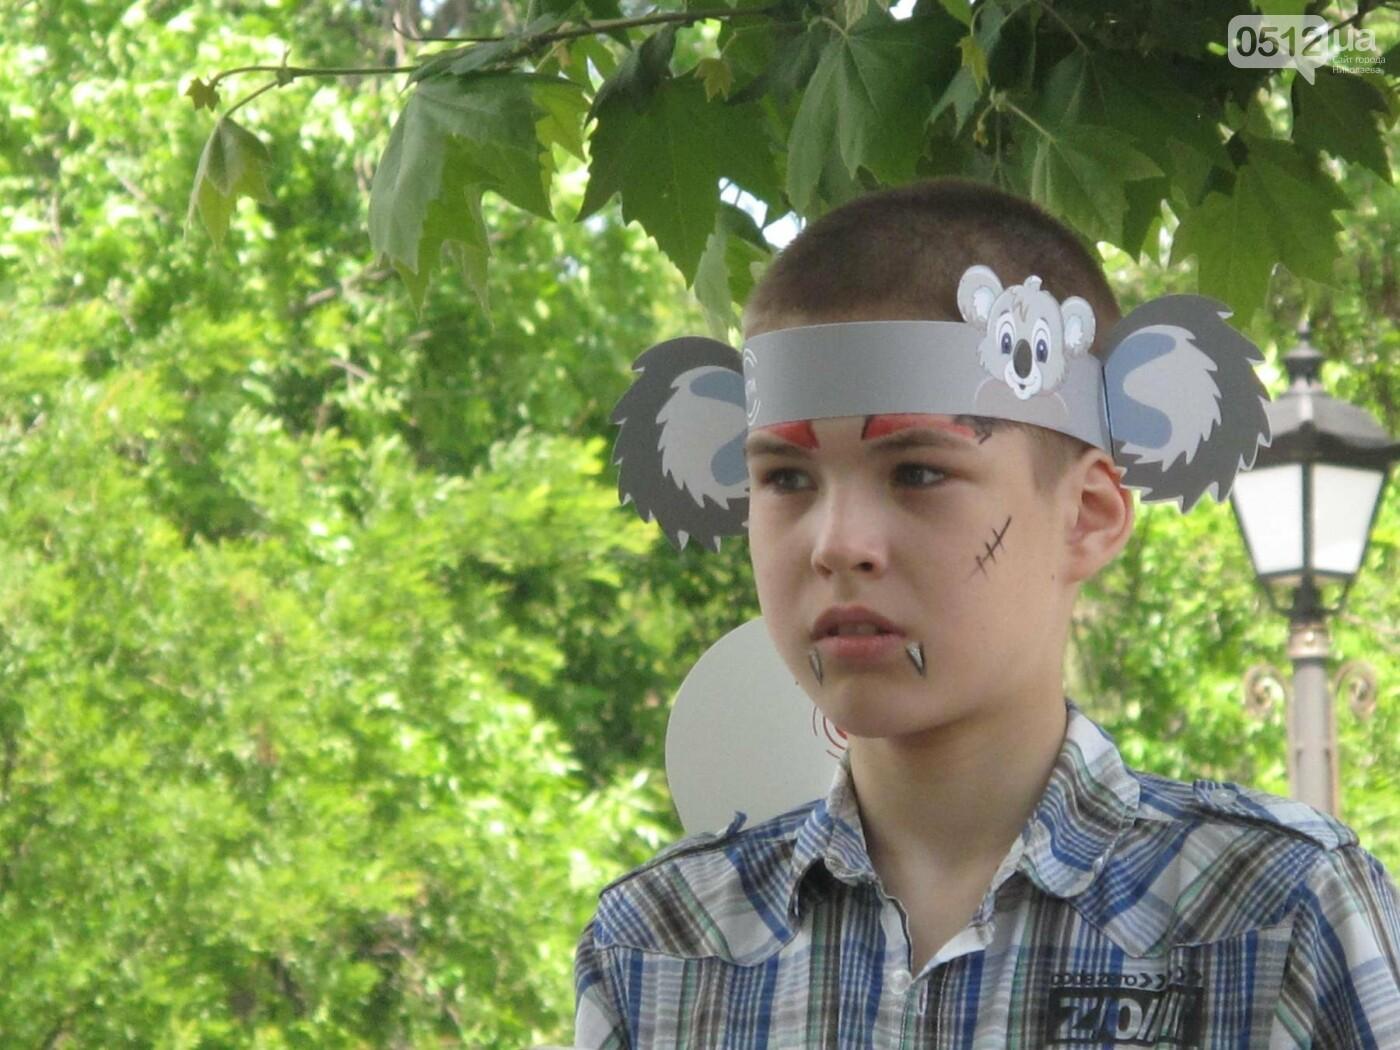 В Сердце города организовали развлекательную программу для детей с нарушением слуха., фото-5